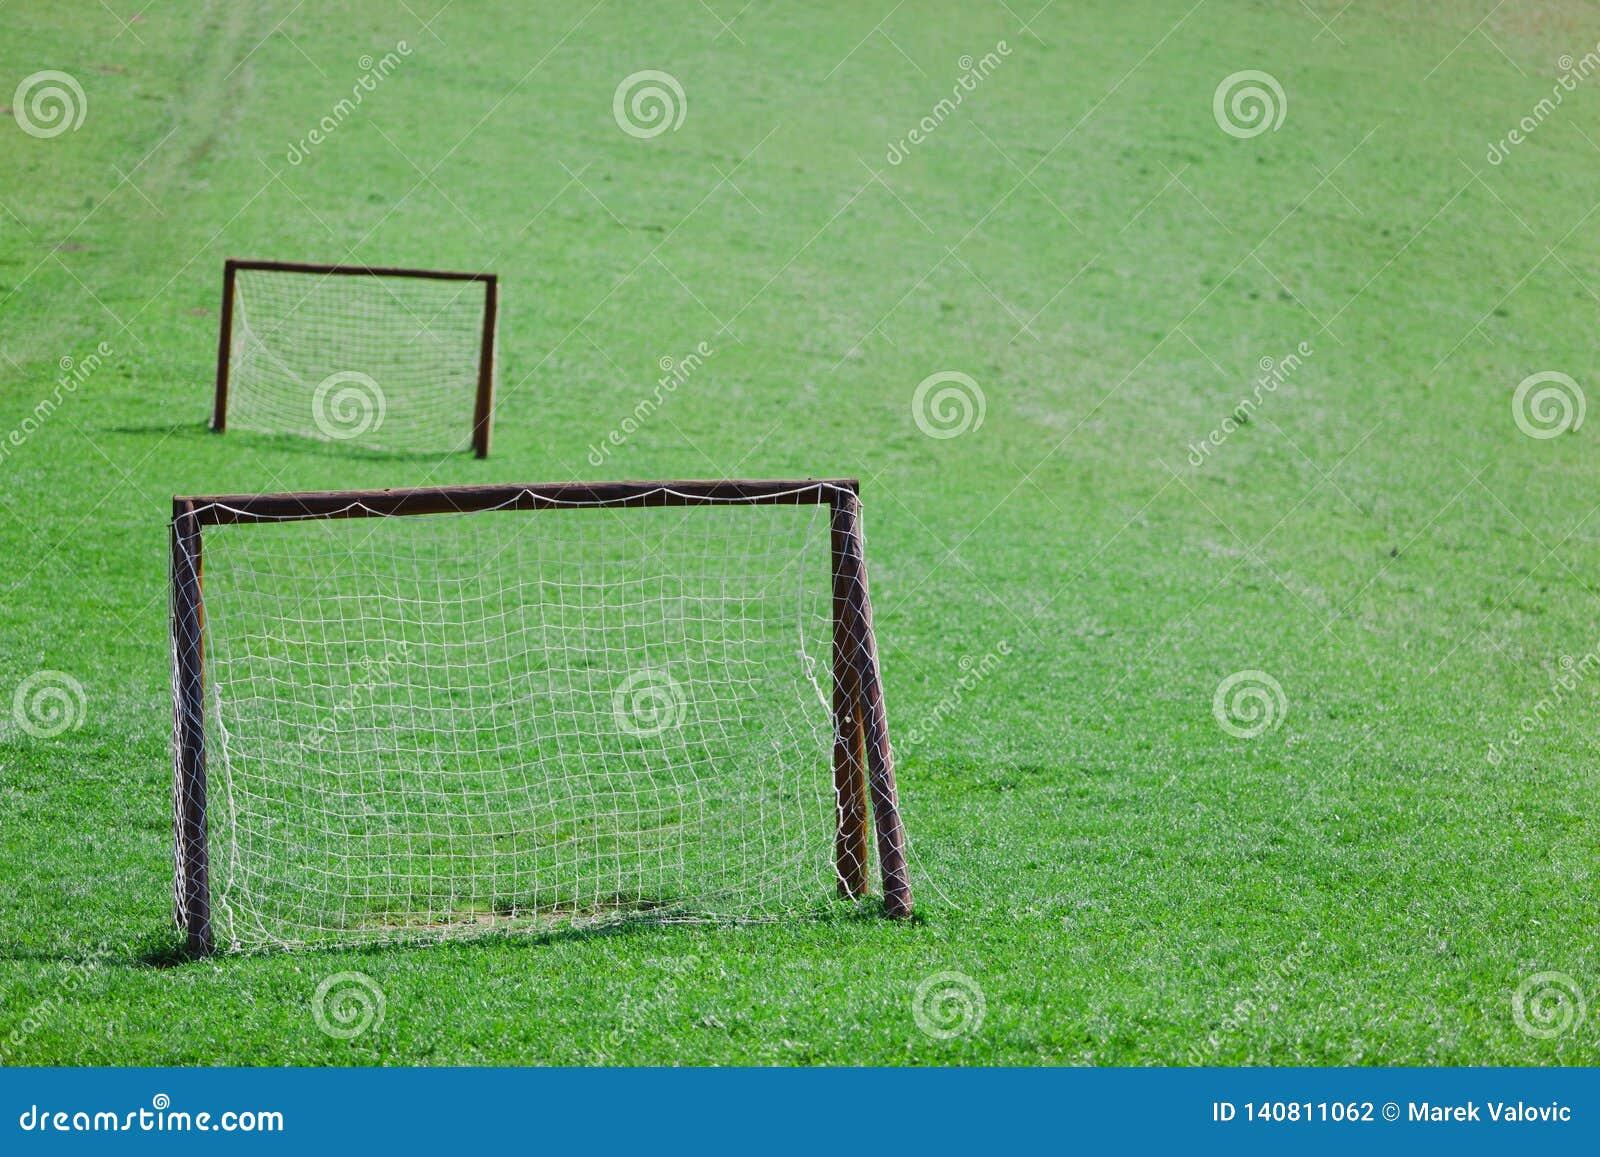 Amateur speelgebied - Groene weide met twee doelstellingen